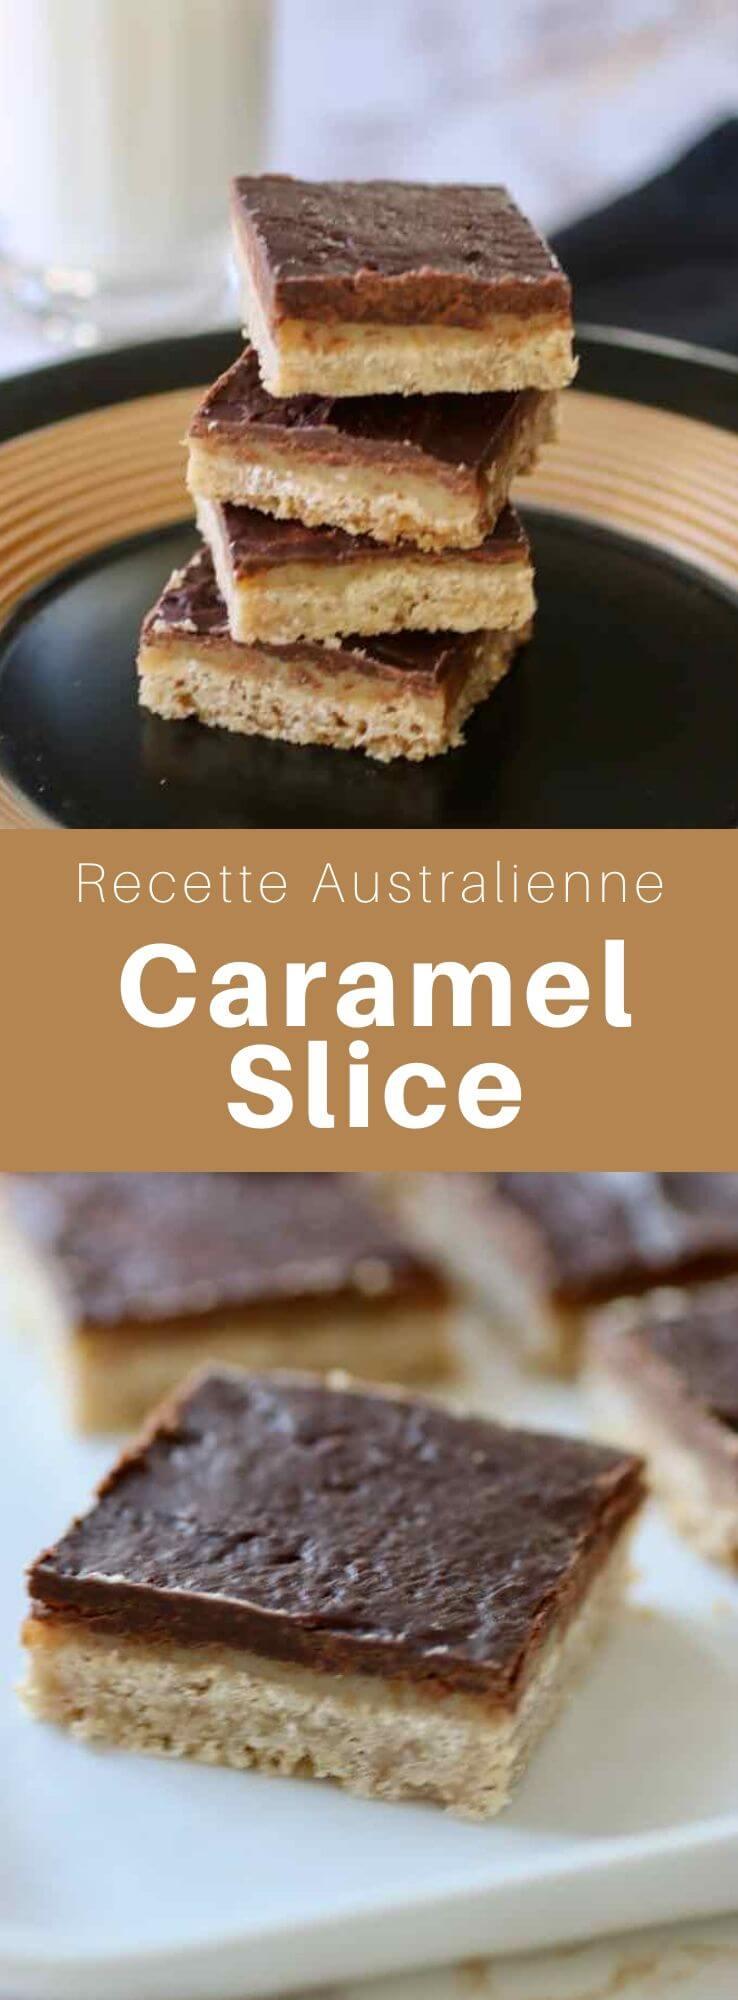 Le caramel slice australien est une couche de caramel prise en sandwich entre un sablé et du chocolat. Il est appelé millionaire's shortbread en Écosse. #Australie #RecetteAustralienne #CuisineDuMonde #196flavors